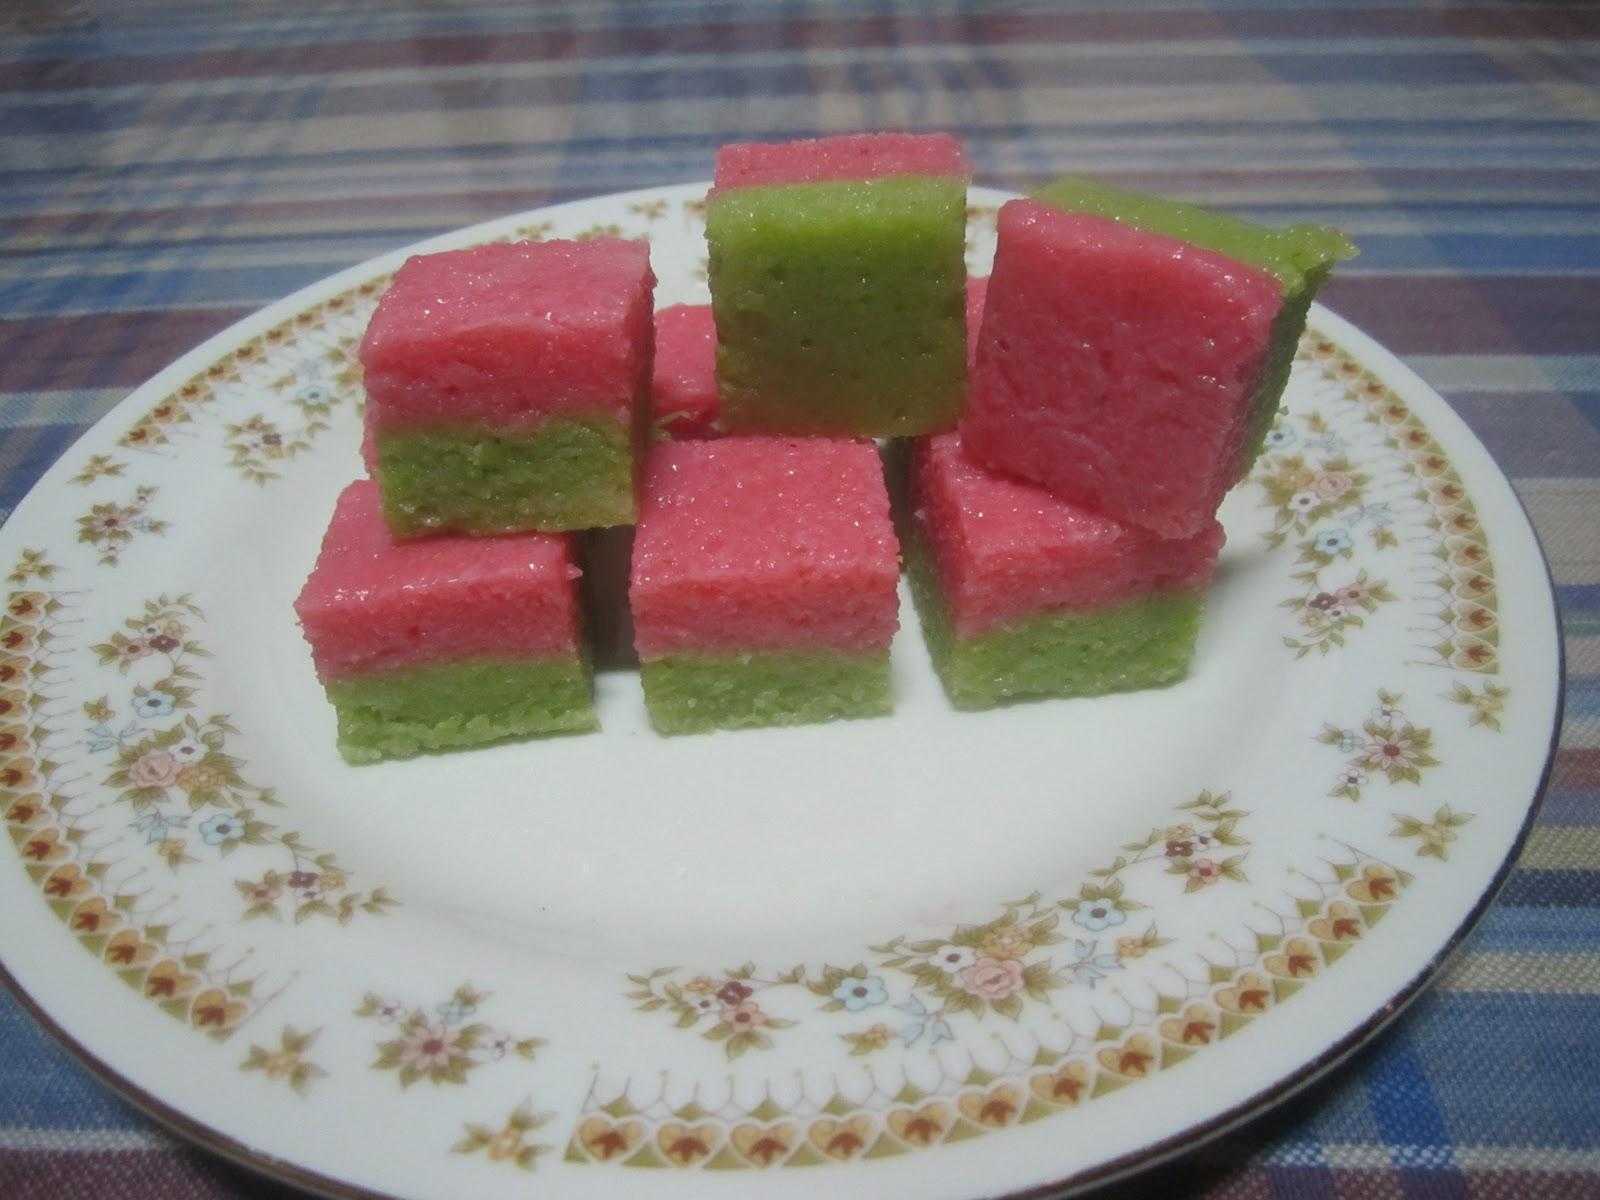 ... , Resep aneka kue nastar cara membuat kue nastar nanas page 269 star